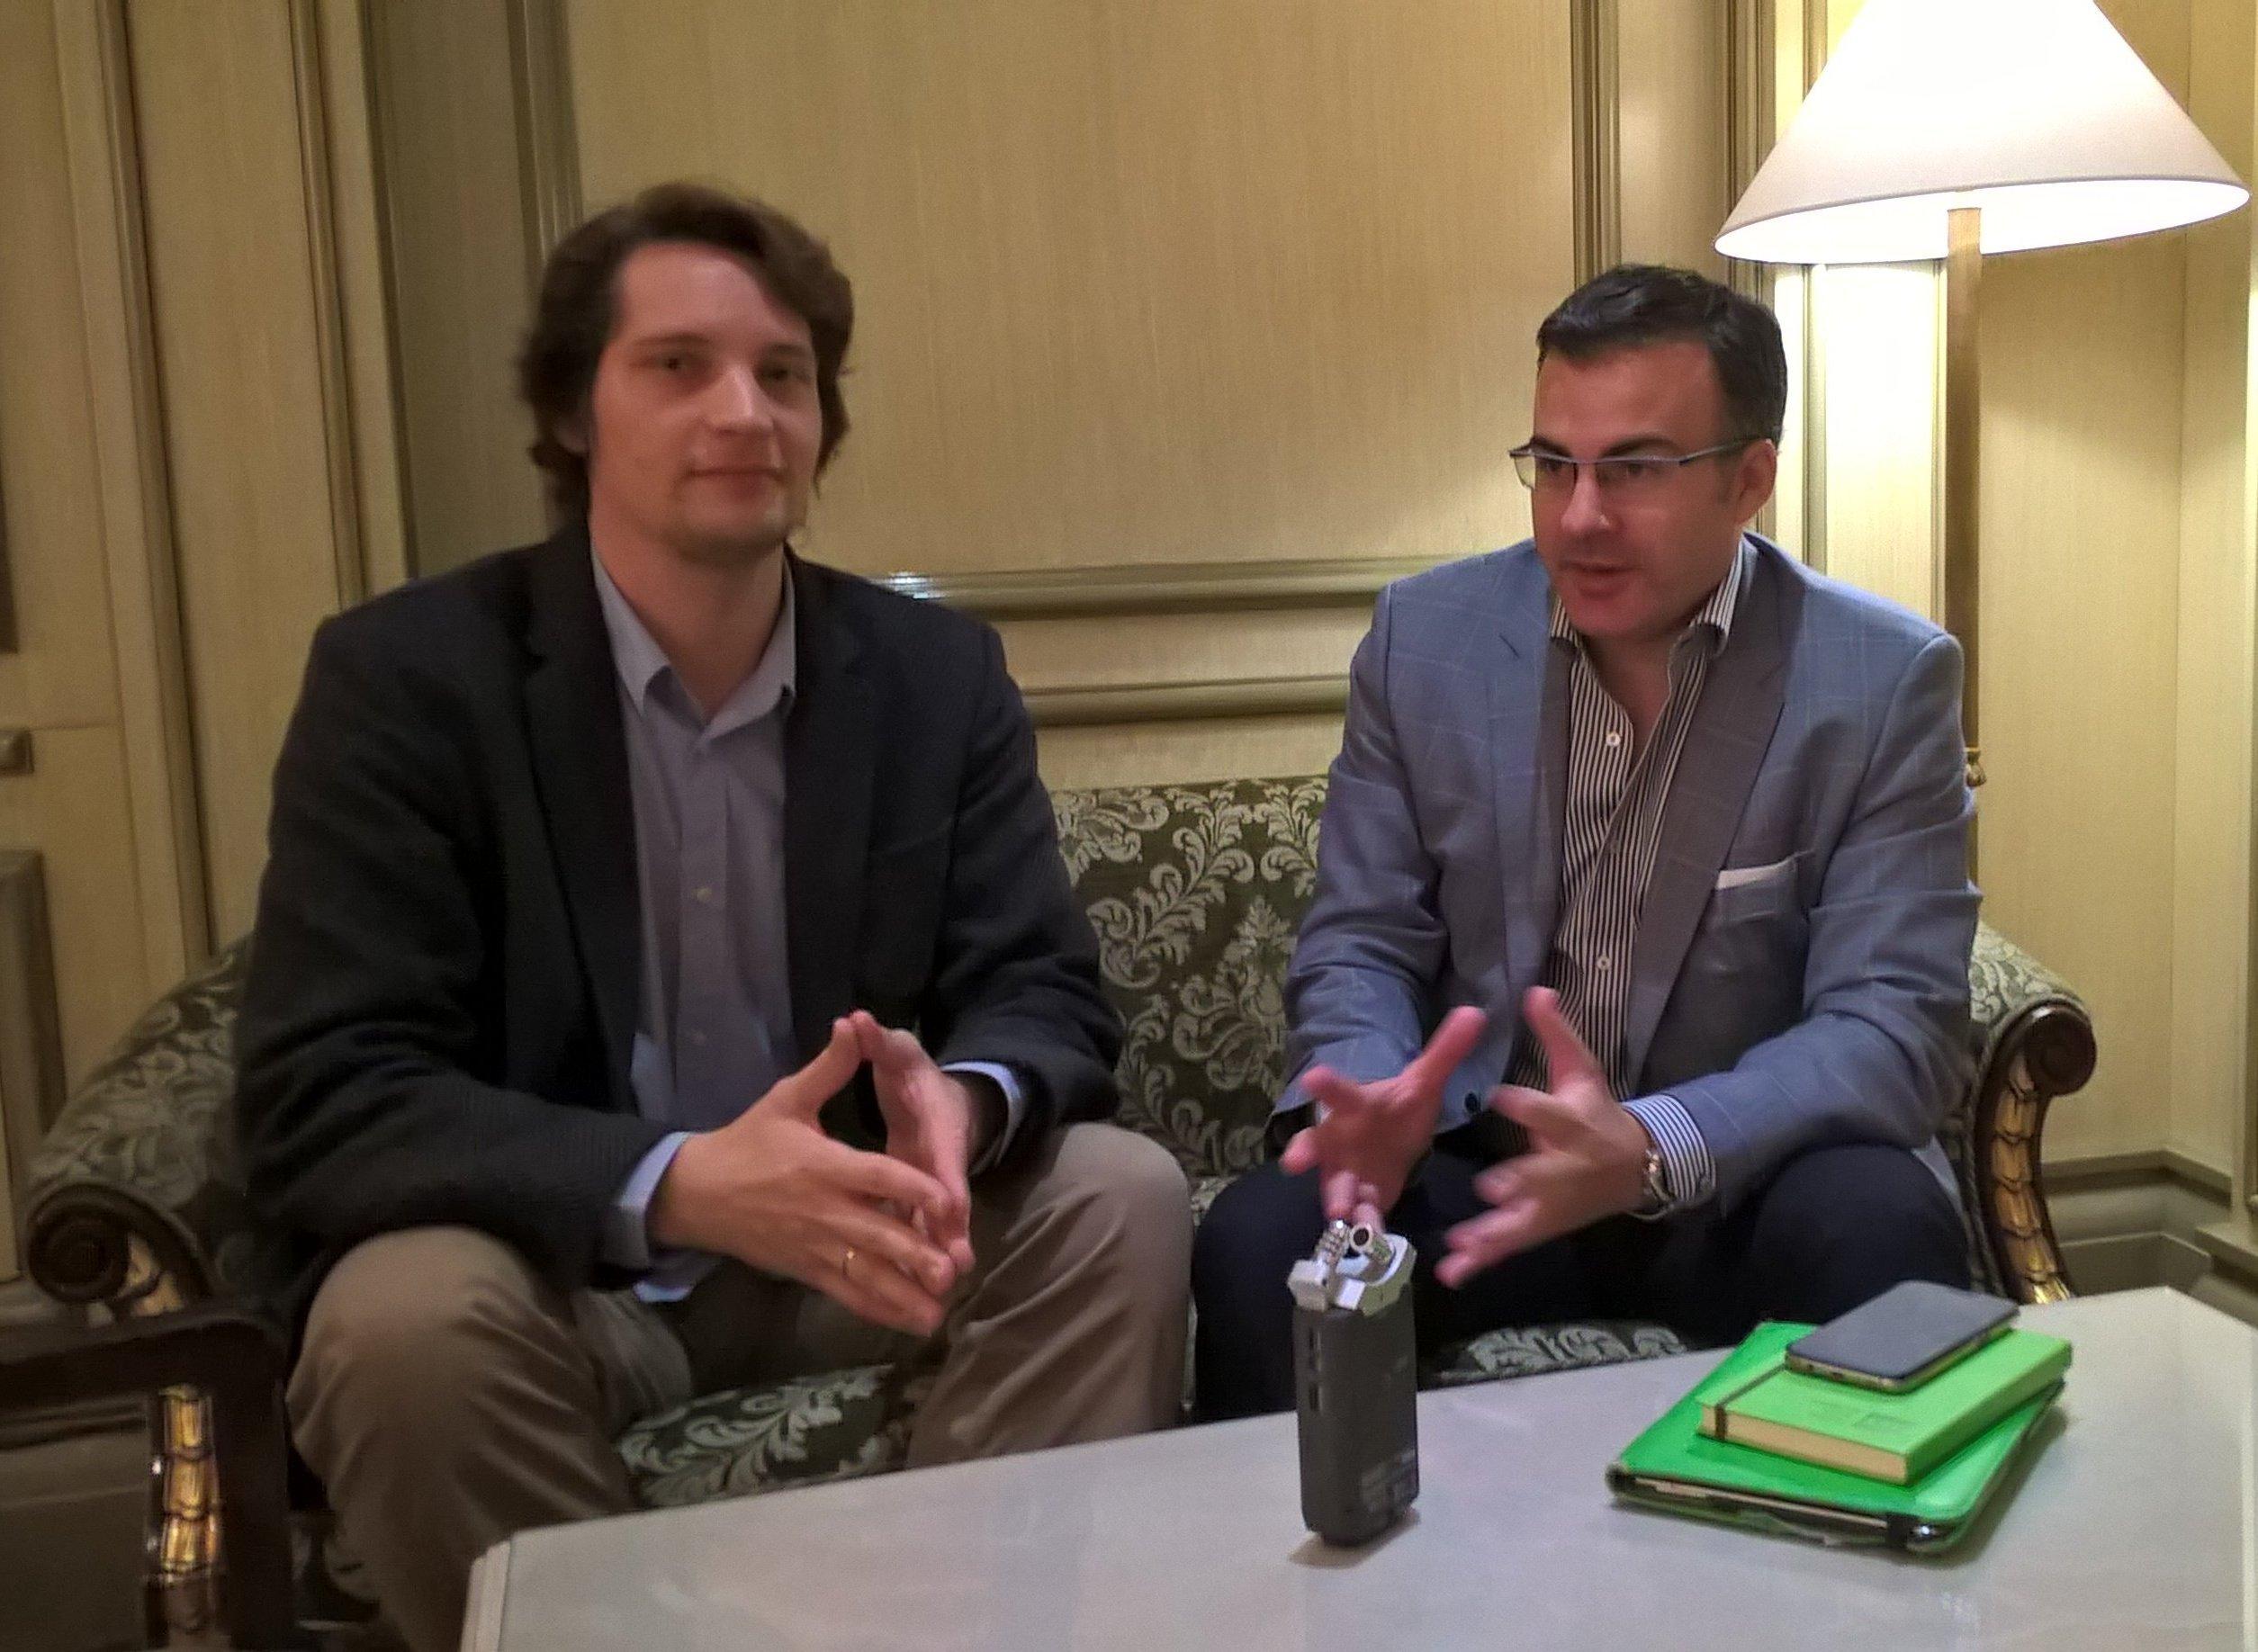 Pedro Mouriño (a la derecha) ofrece entrevista a corresponsal de Radio Sputnik Víctor Ternovsky (a la izquierda)